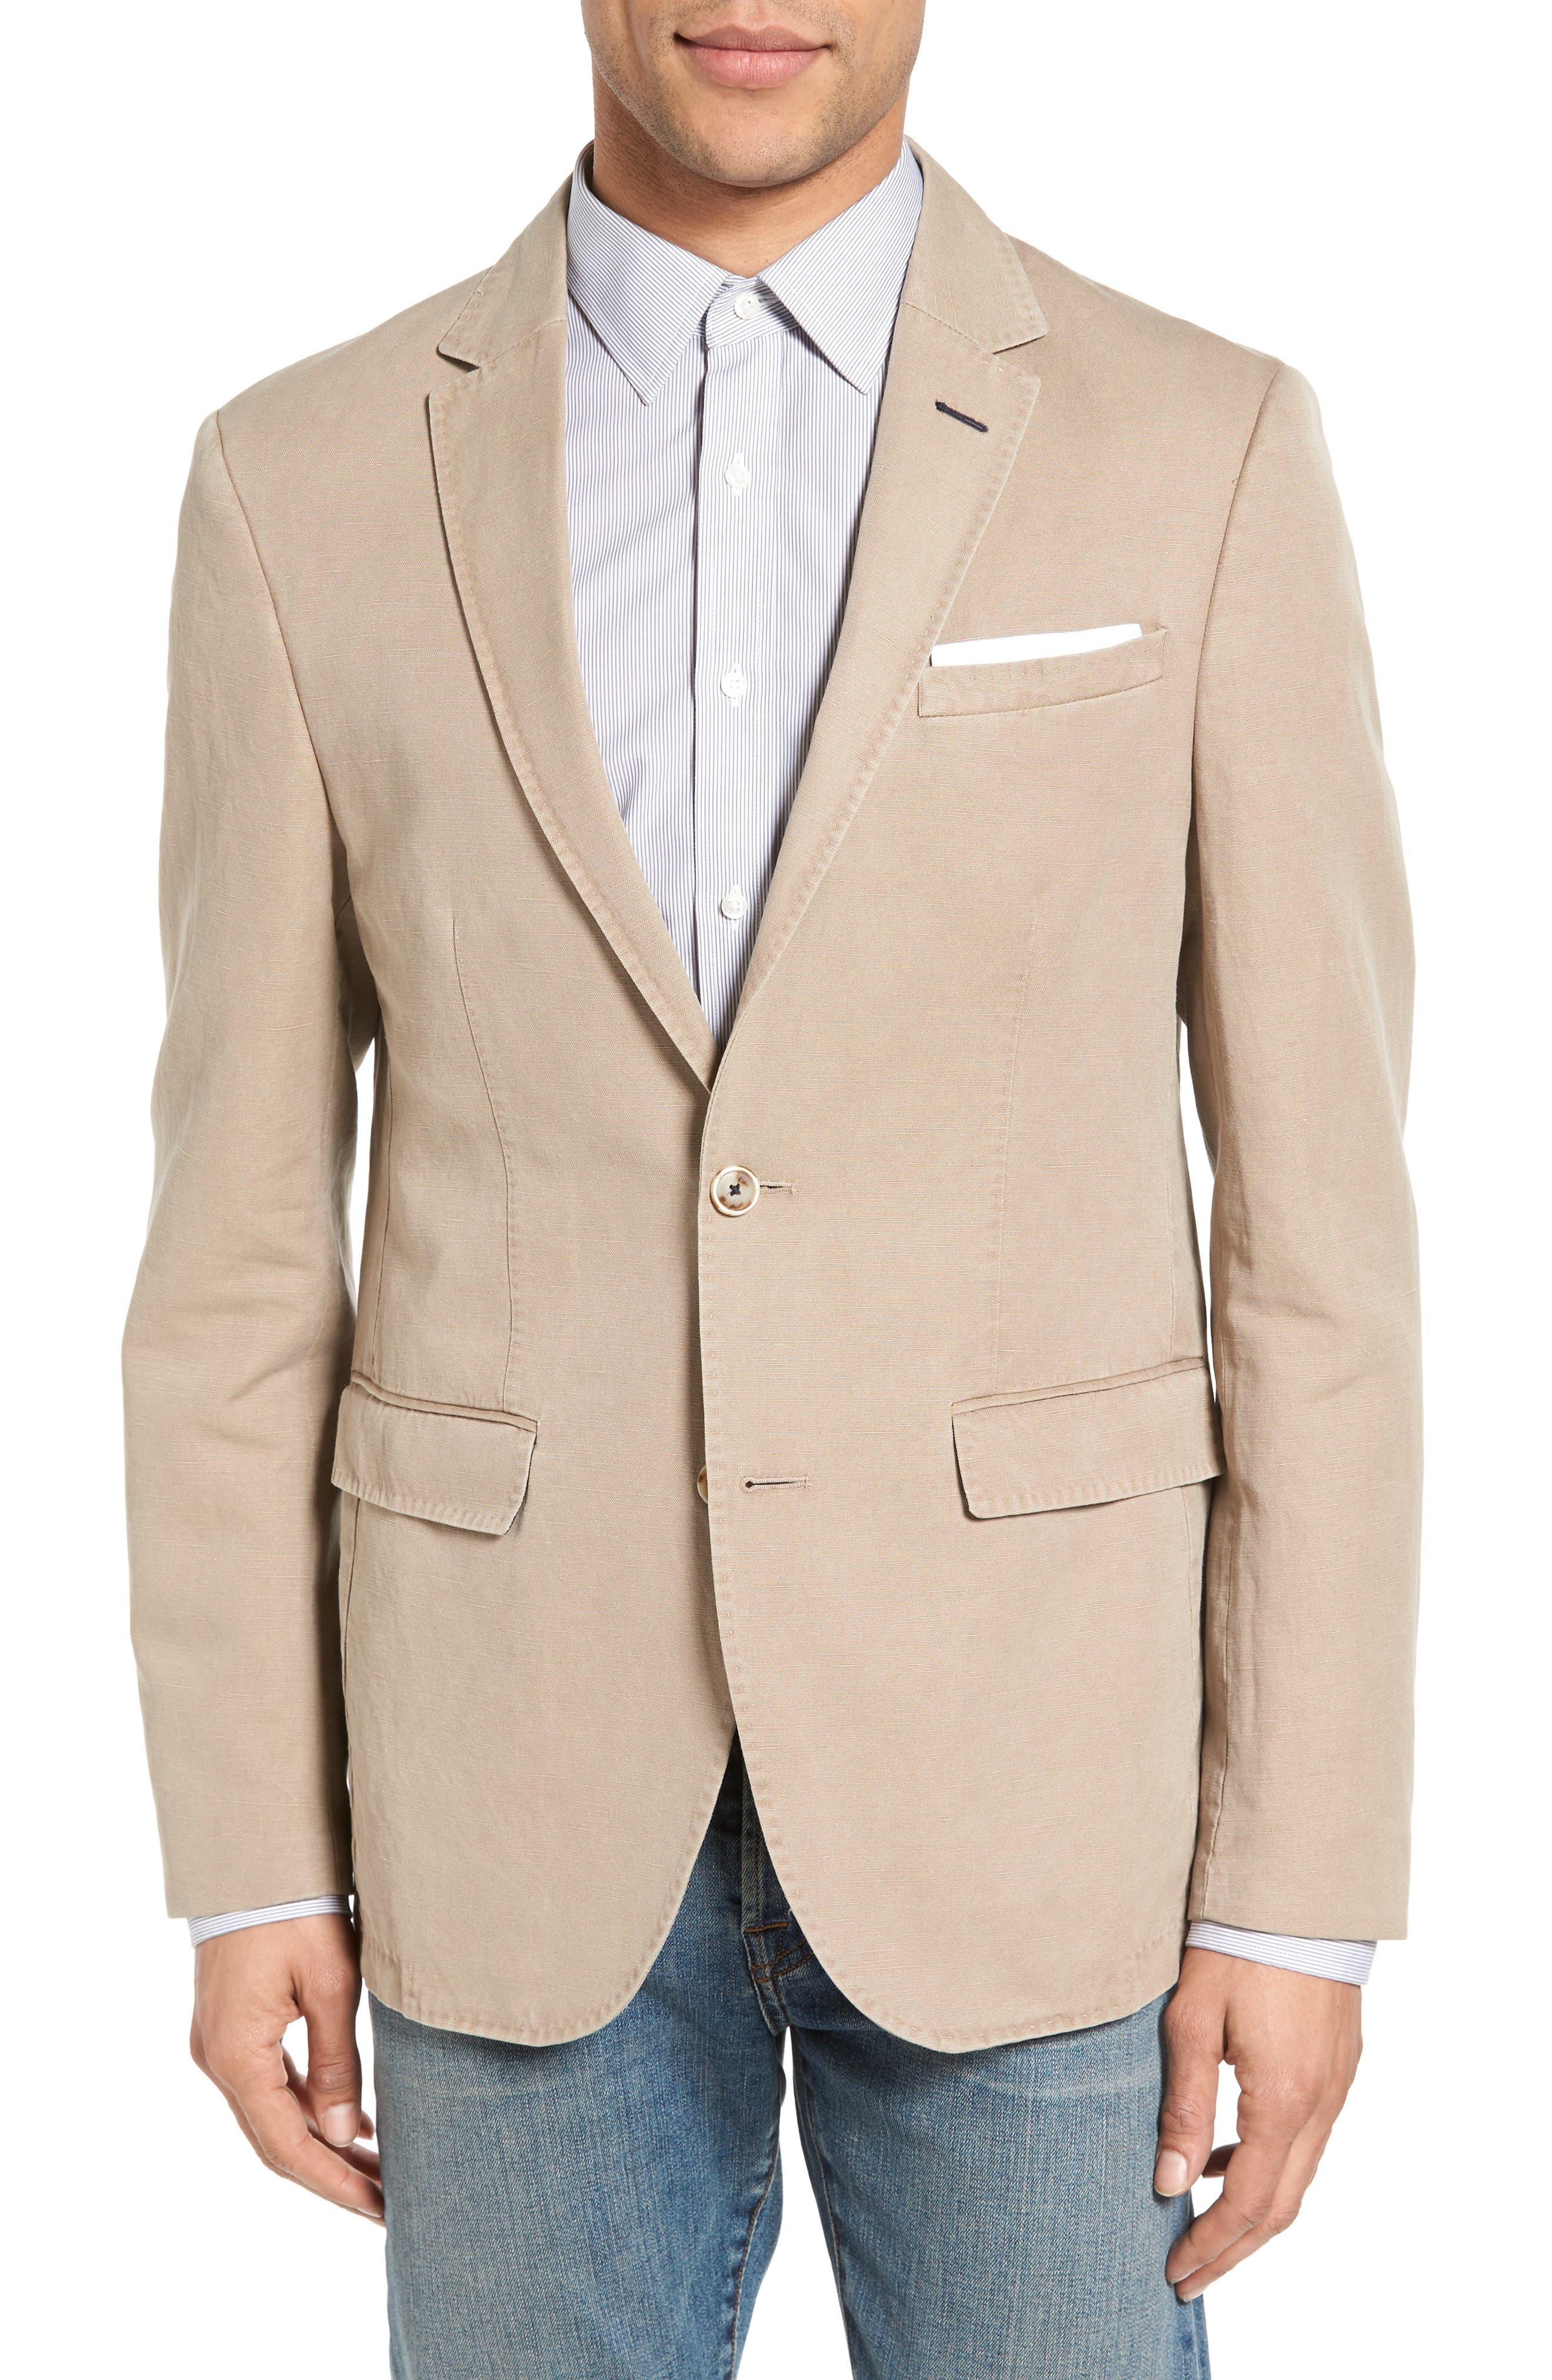 Main Image - Sand Trim Fit Cotton & Linen Blazer